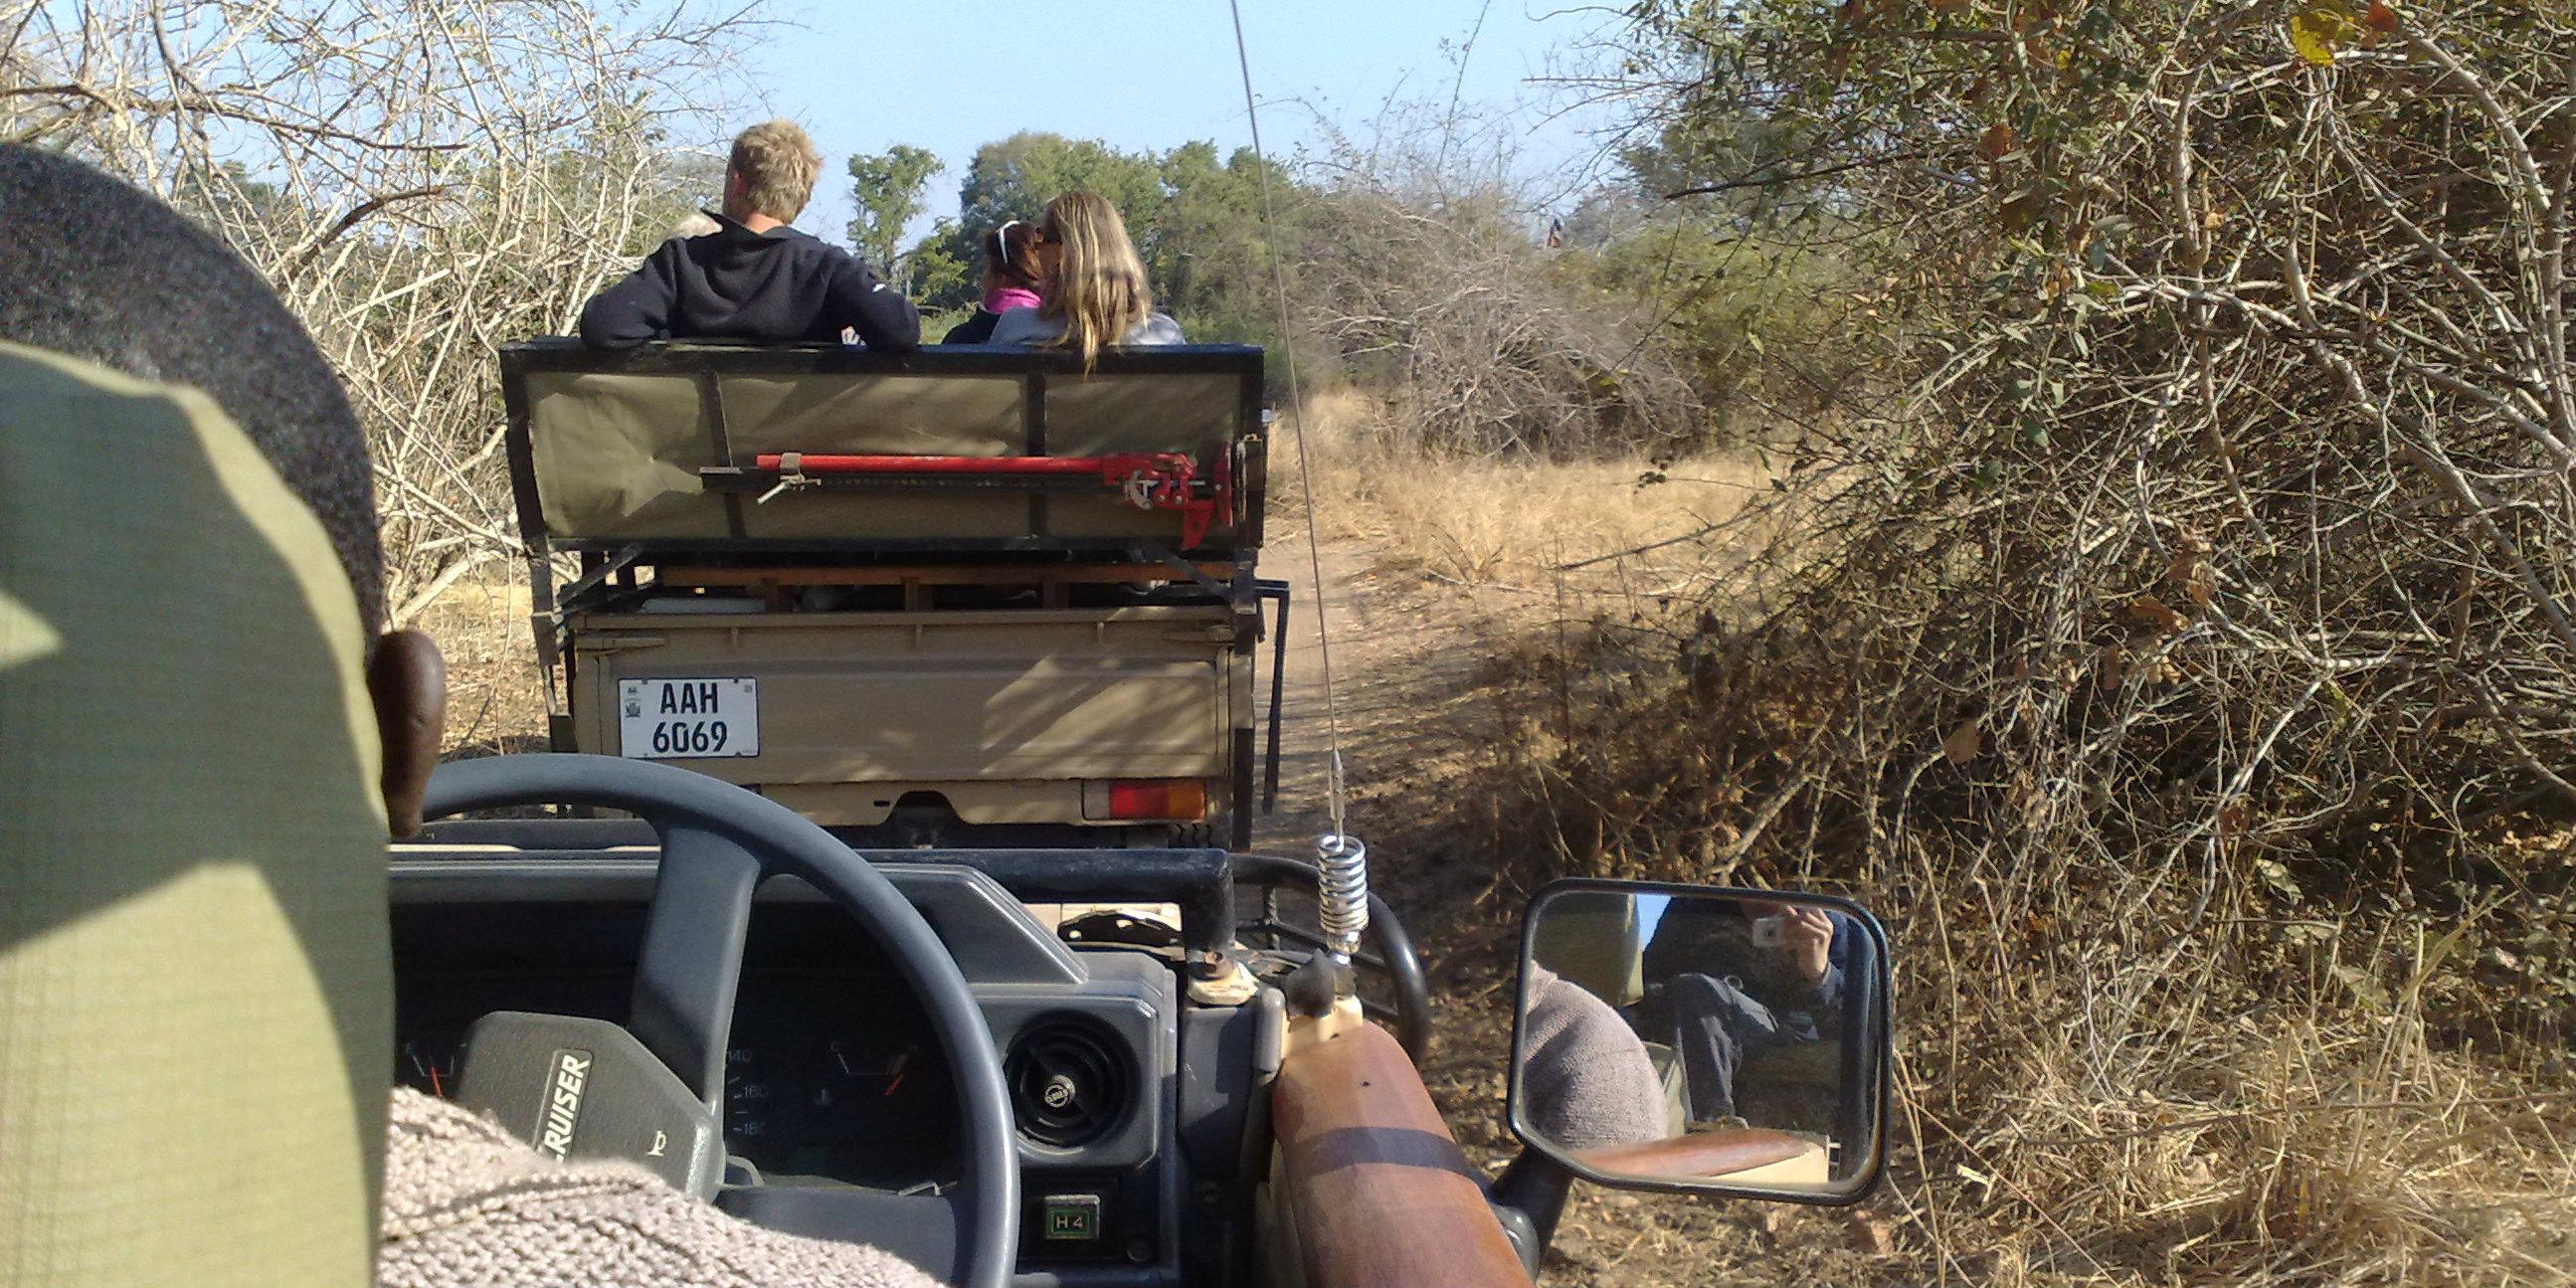 A group enjoys a Zambia safari.